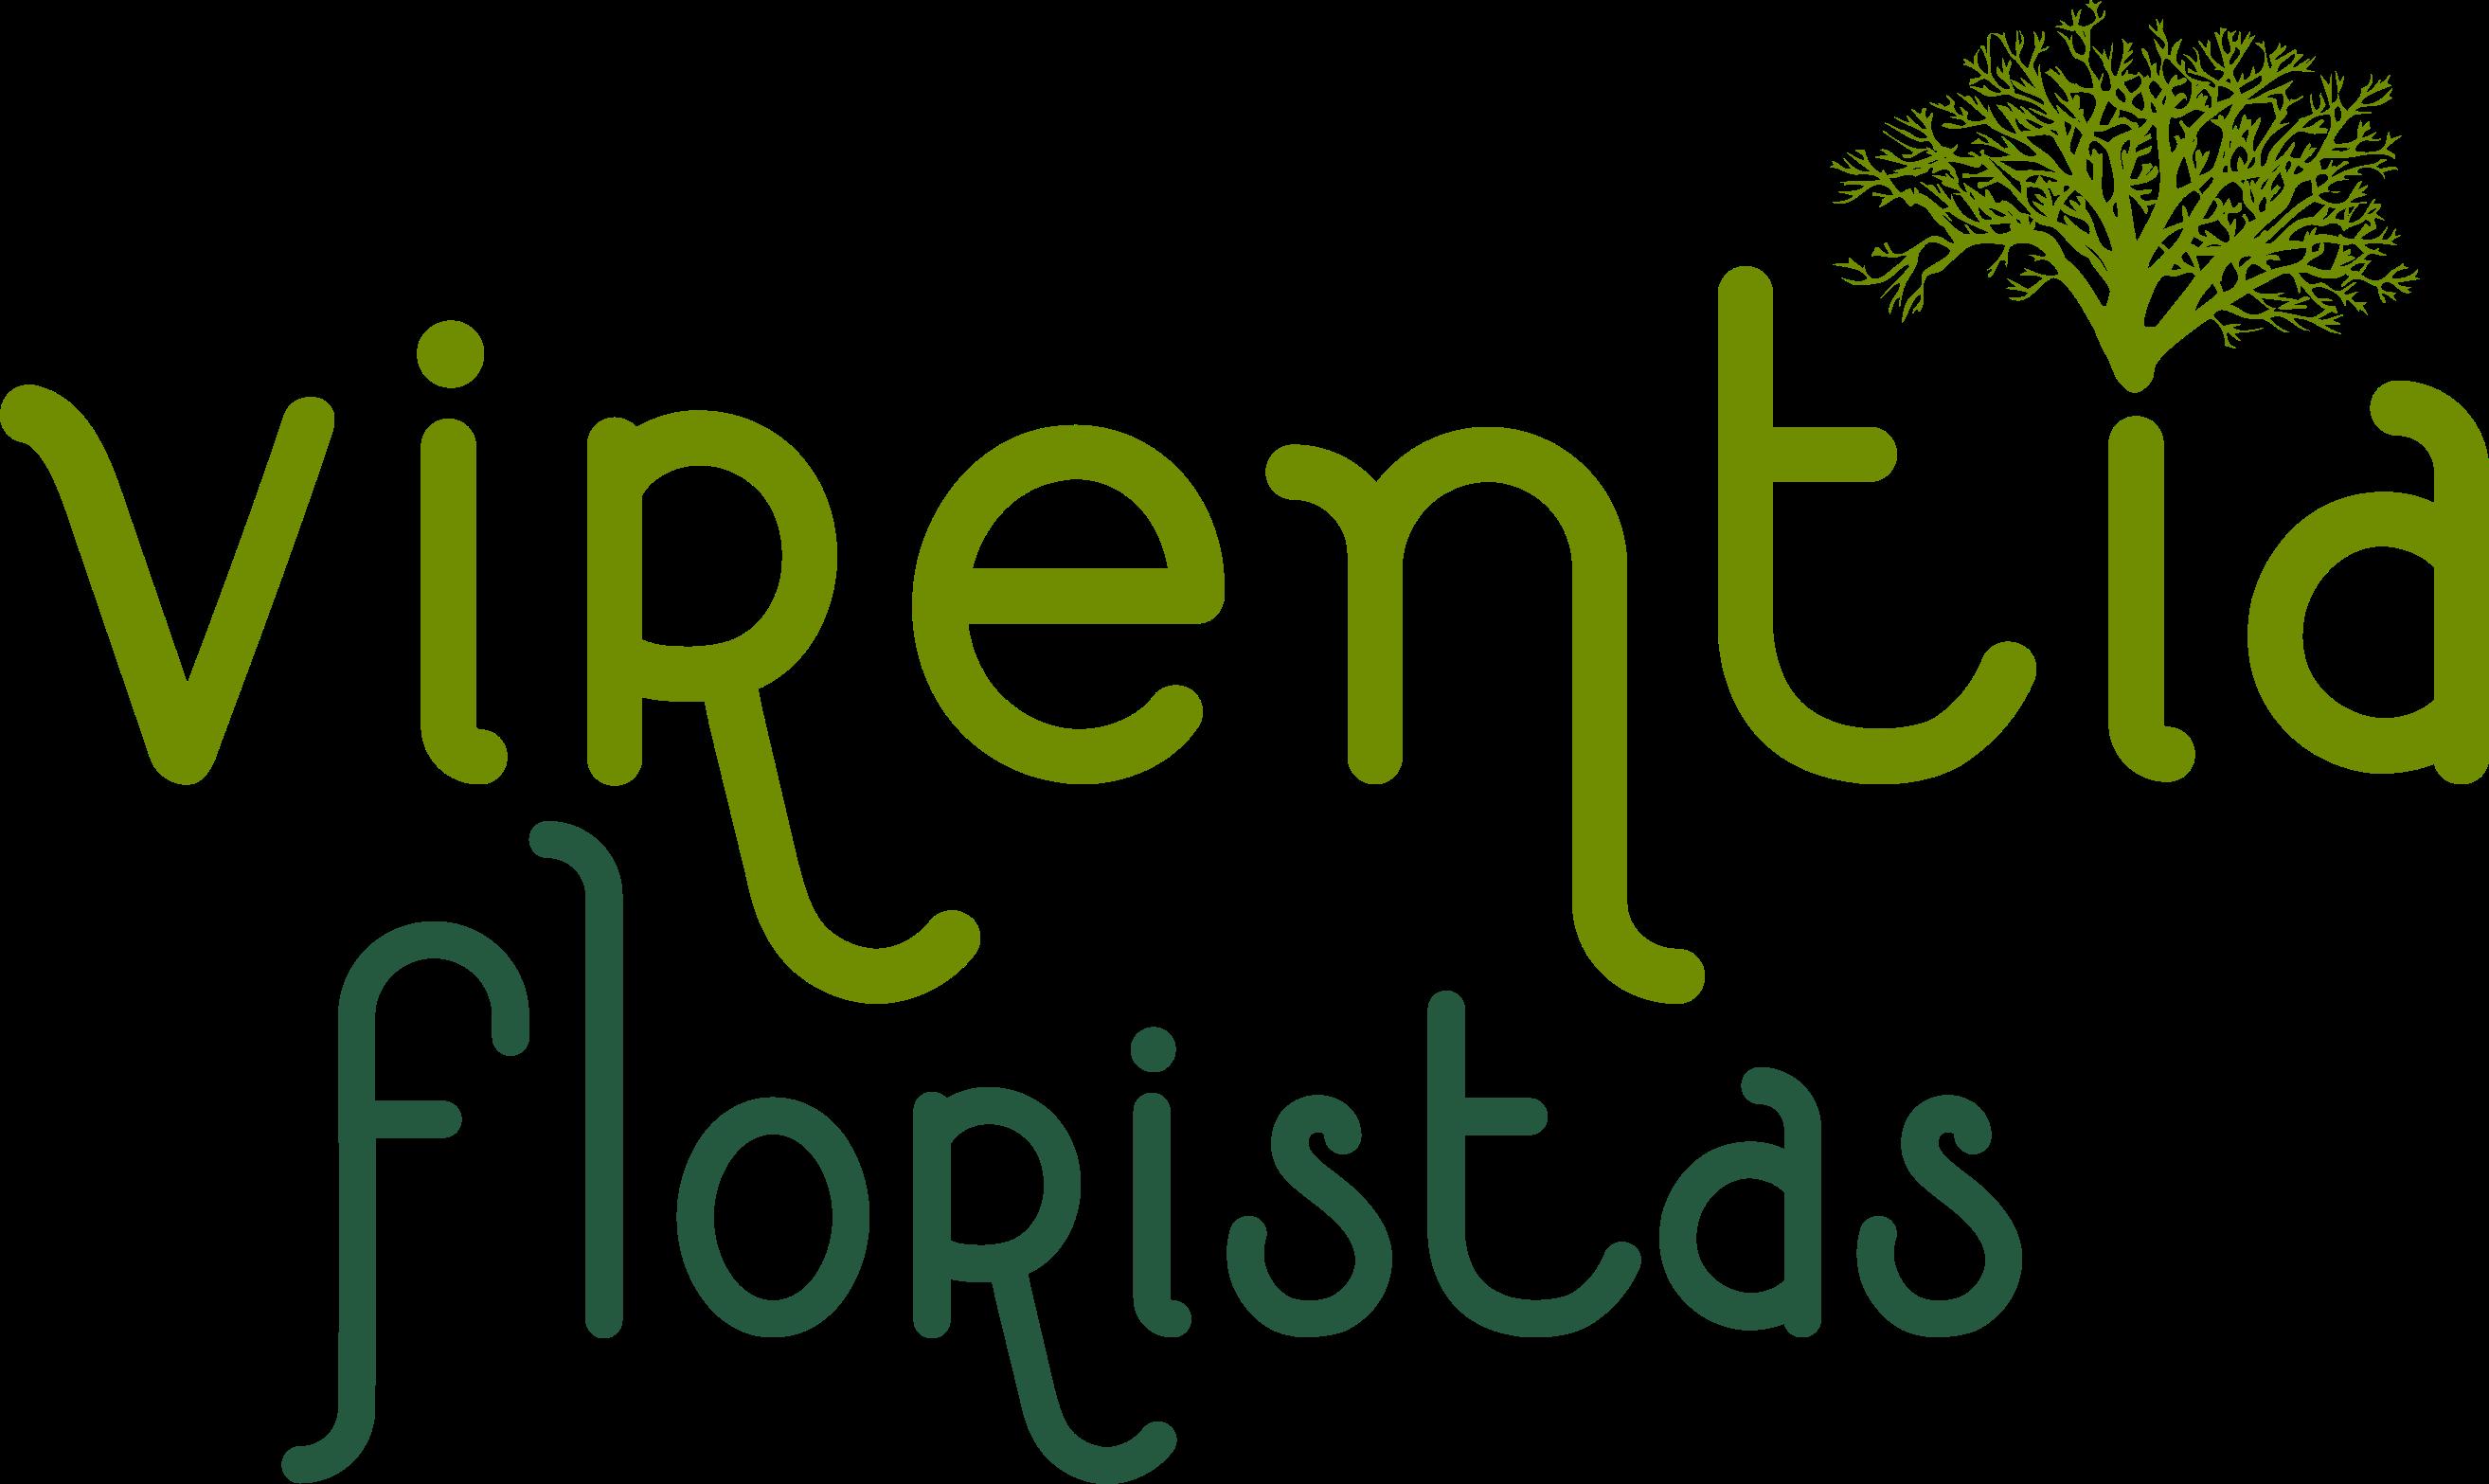 Virentia Floristas – Centros de flores en Málaga Floristería en Málaga. Estilo, tradición e innovación en arte floral